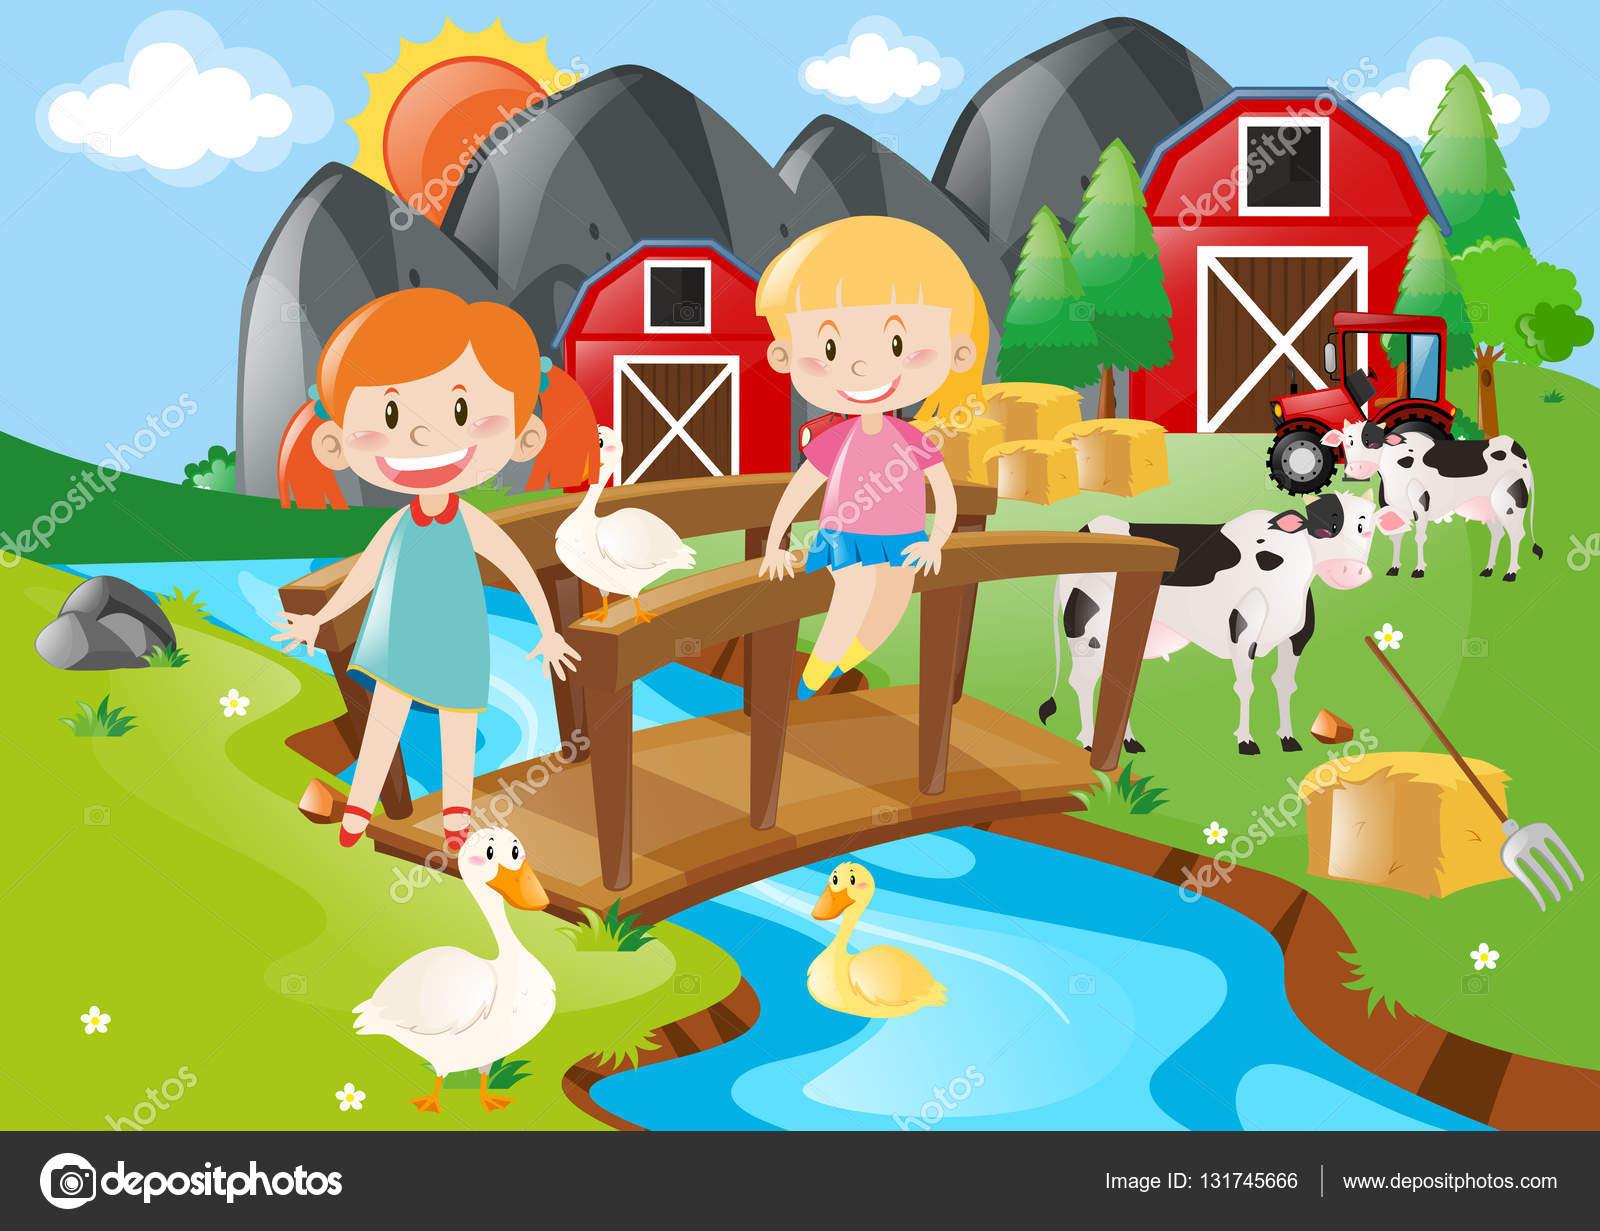 2 つの女の子と川の動物 — ストックベクター © brgfx #131745666